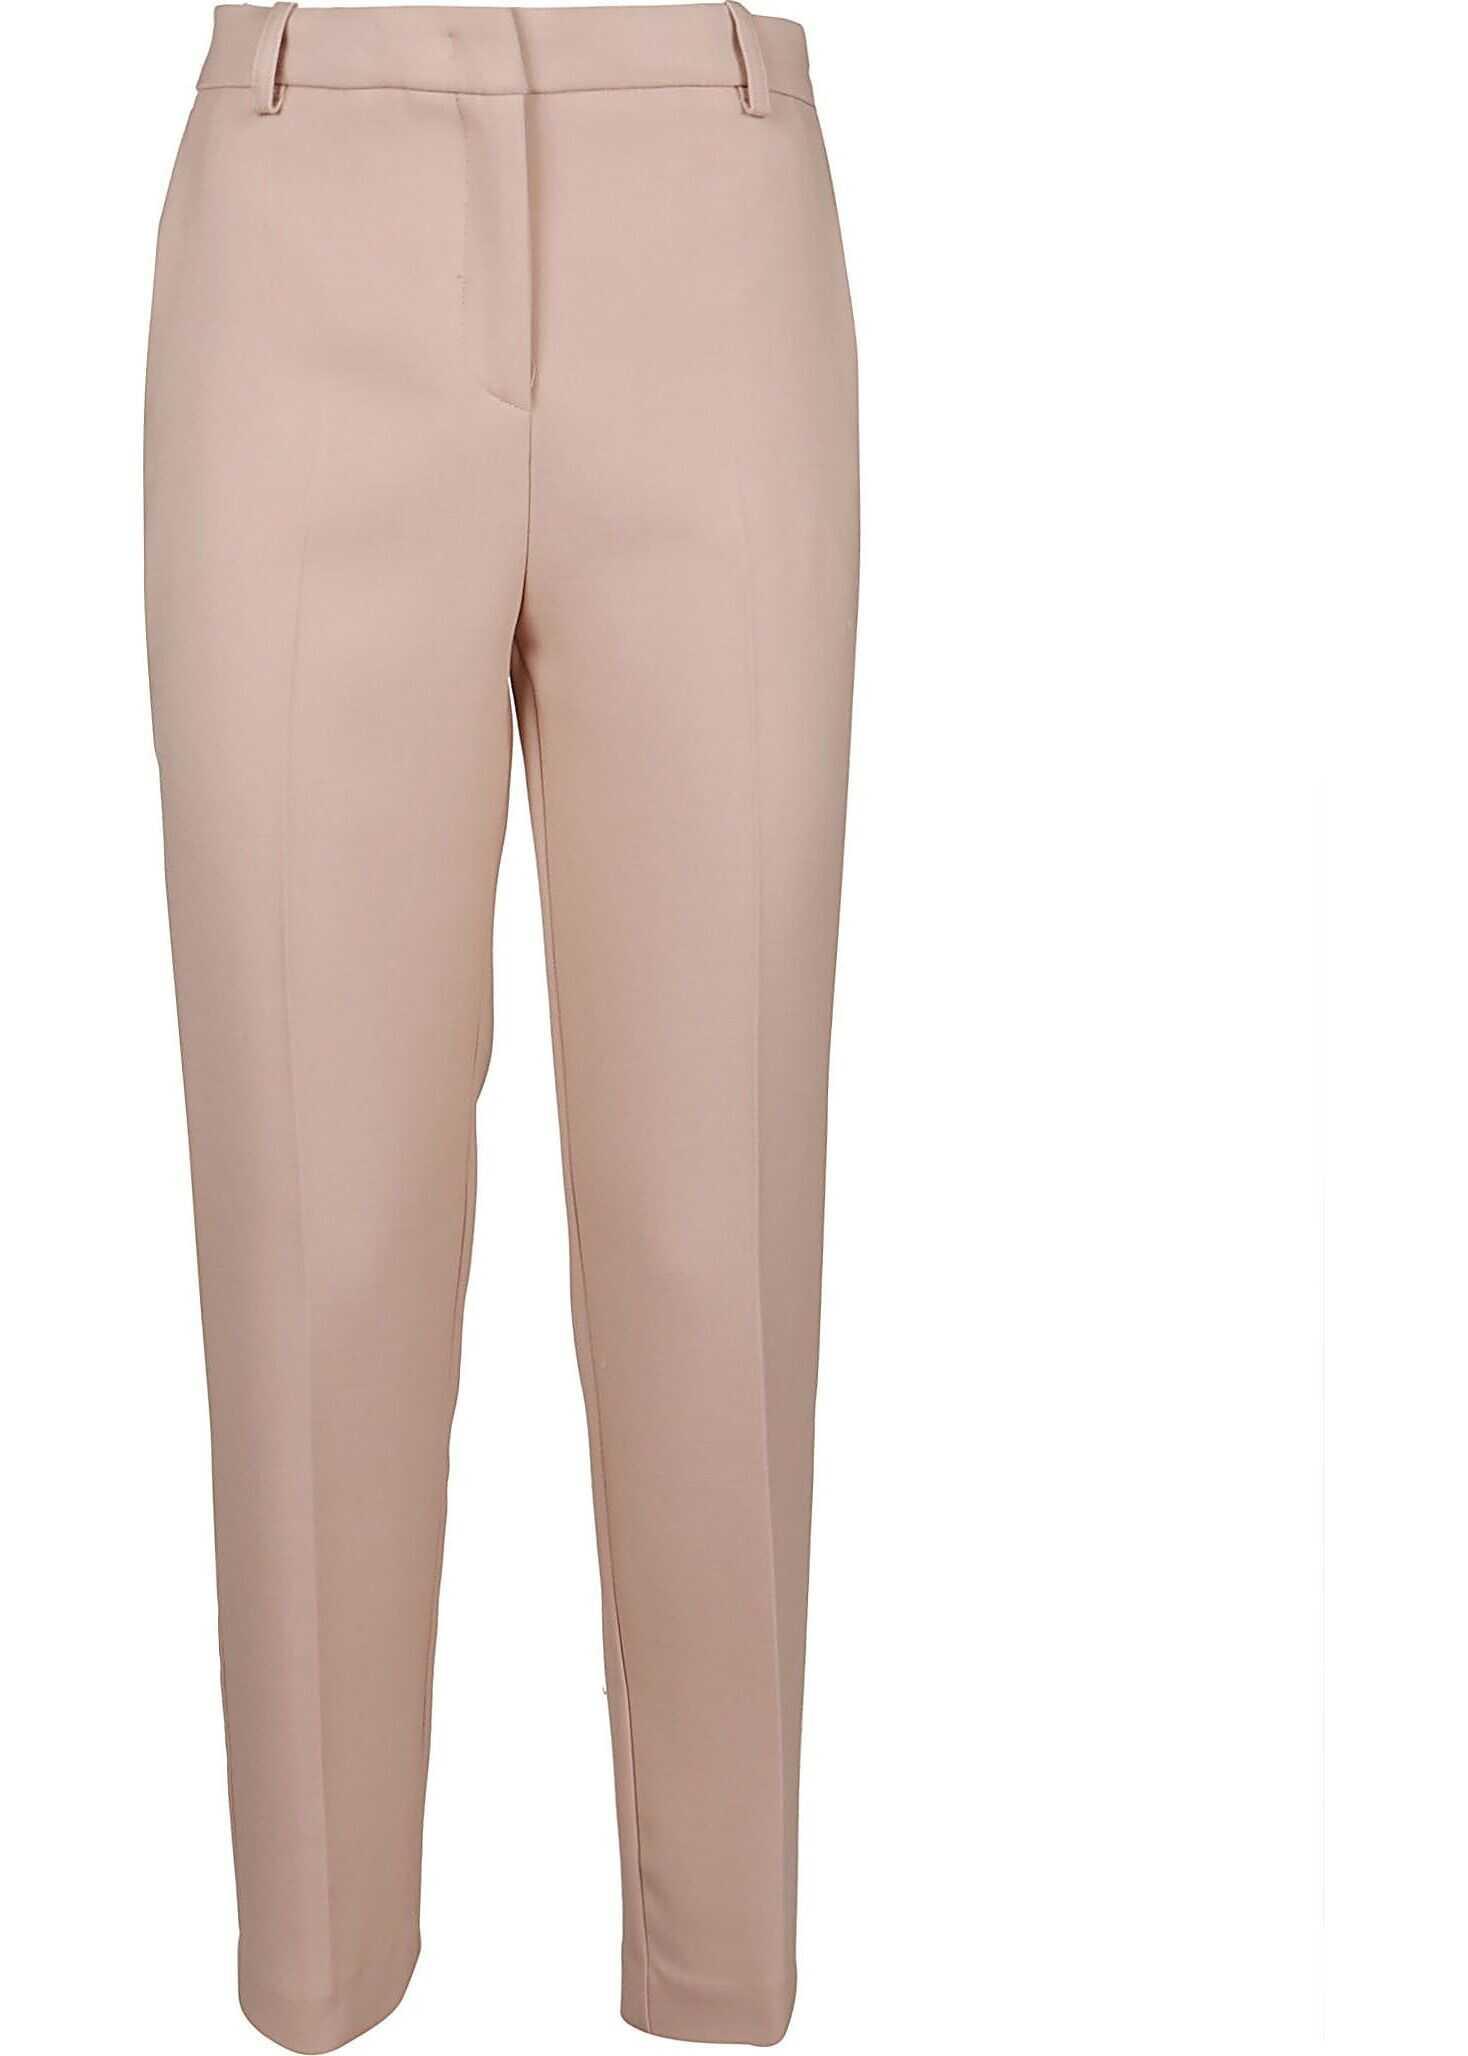 Pinko Polyester Pants PINK